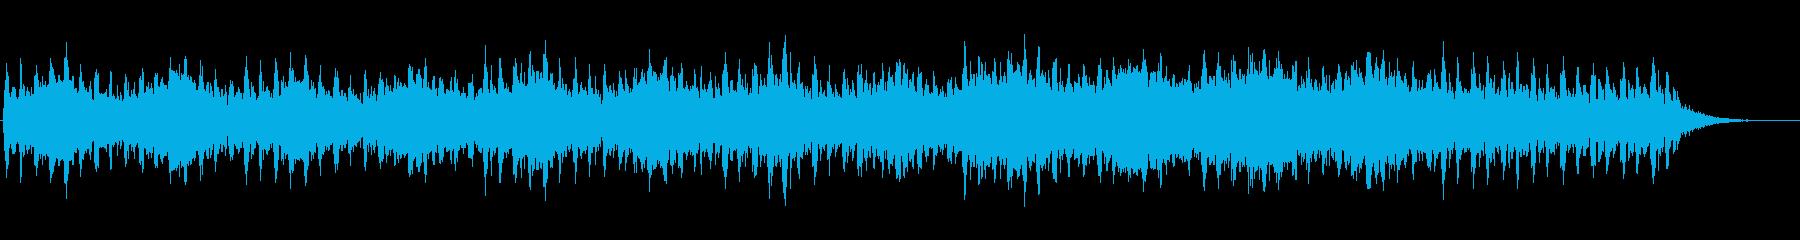 映画音楽のような不穏なストリングス曲の再生済みの波形